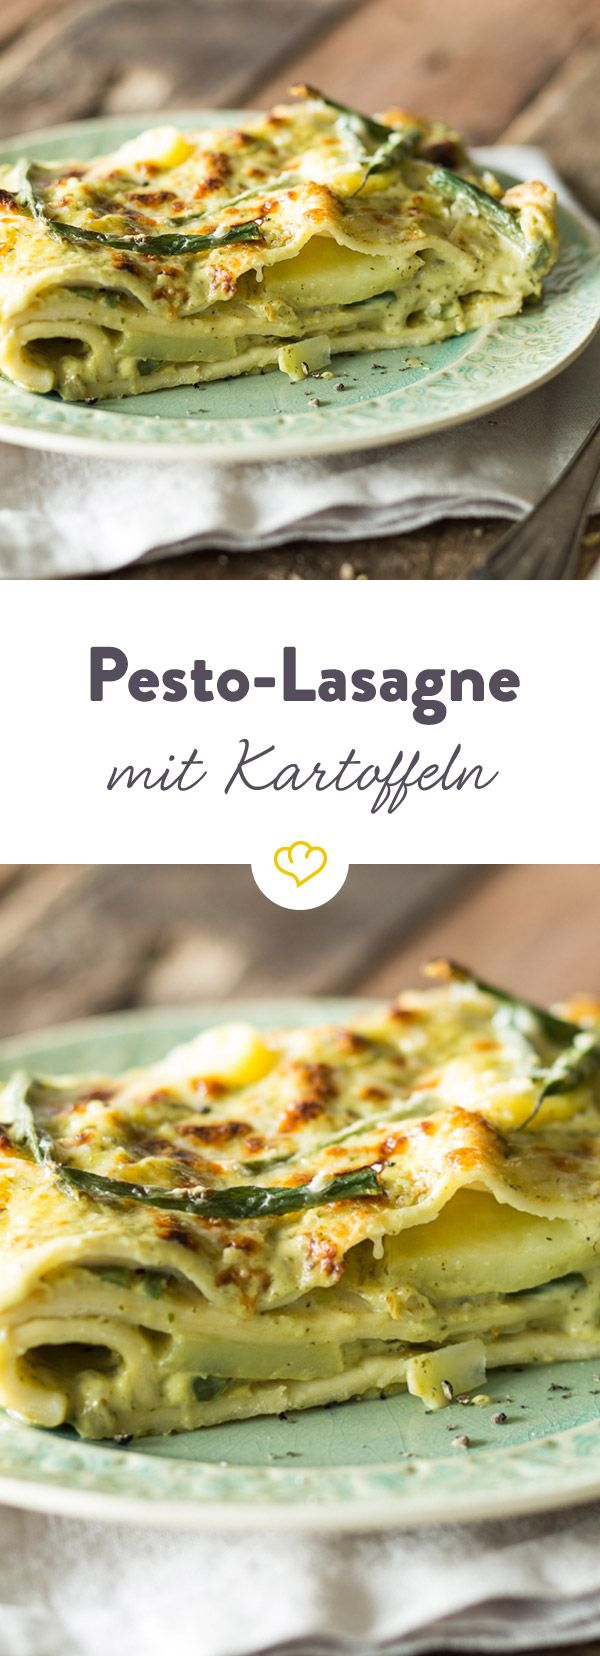 Diese Lasagne ist eine vegetarische Version des Italien-Klassikers. Selbstgemachtes Pesto und frische Bohnen verleihen dem Ganzen eine angenehme Frische